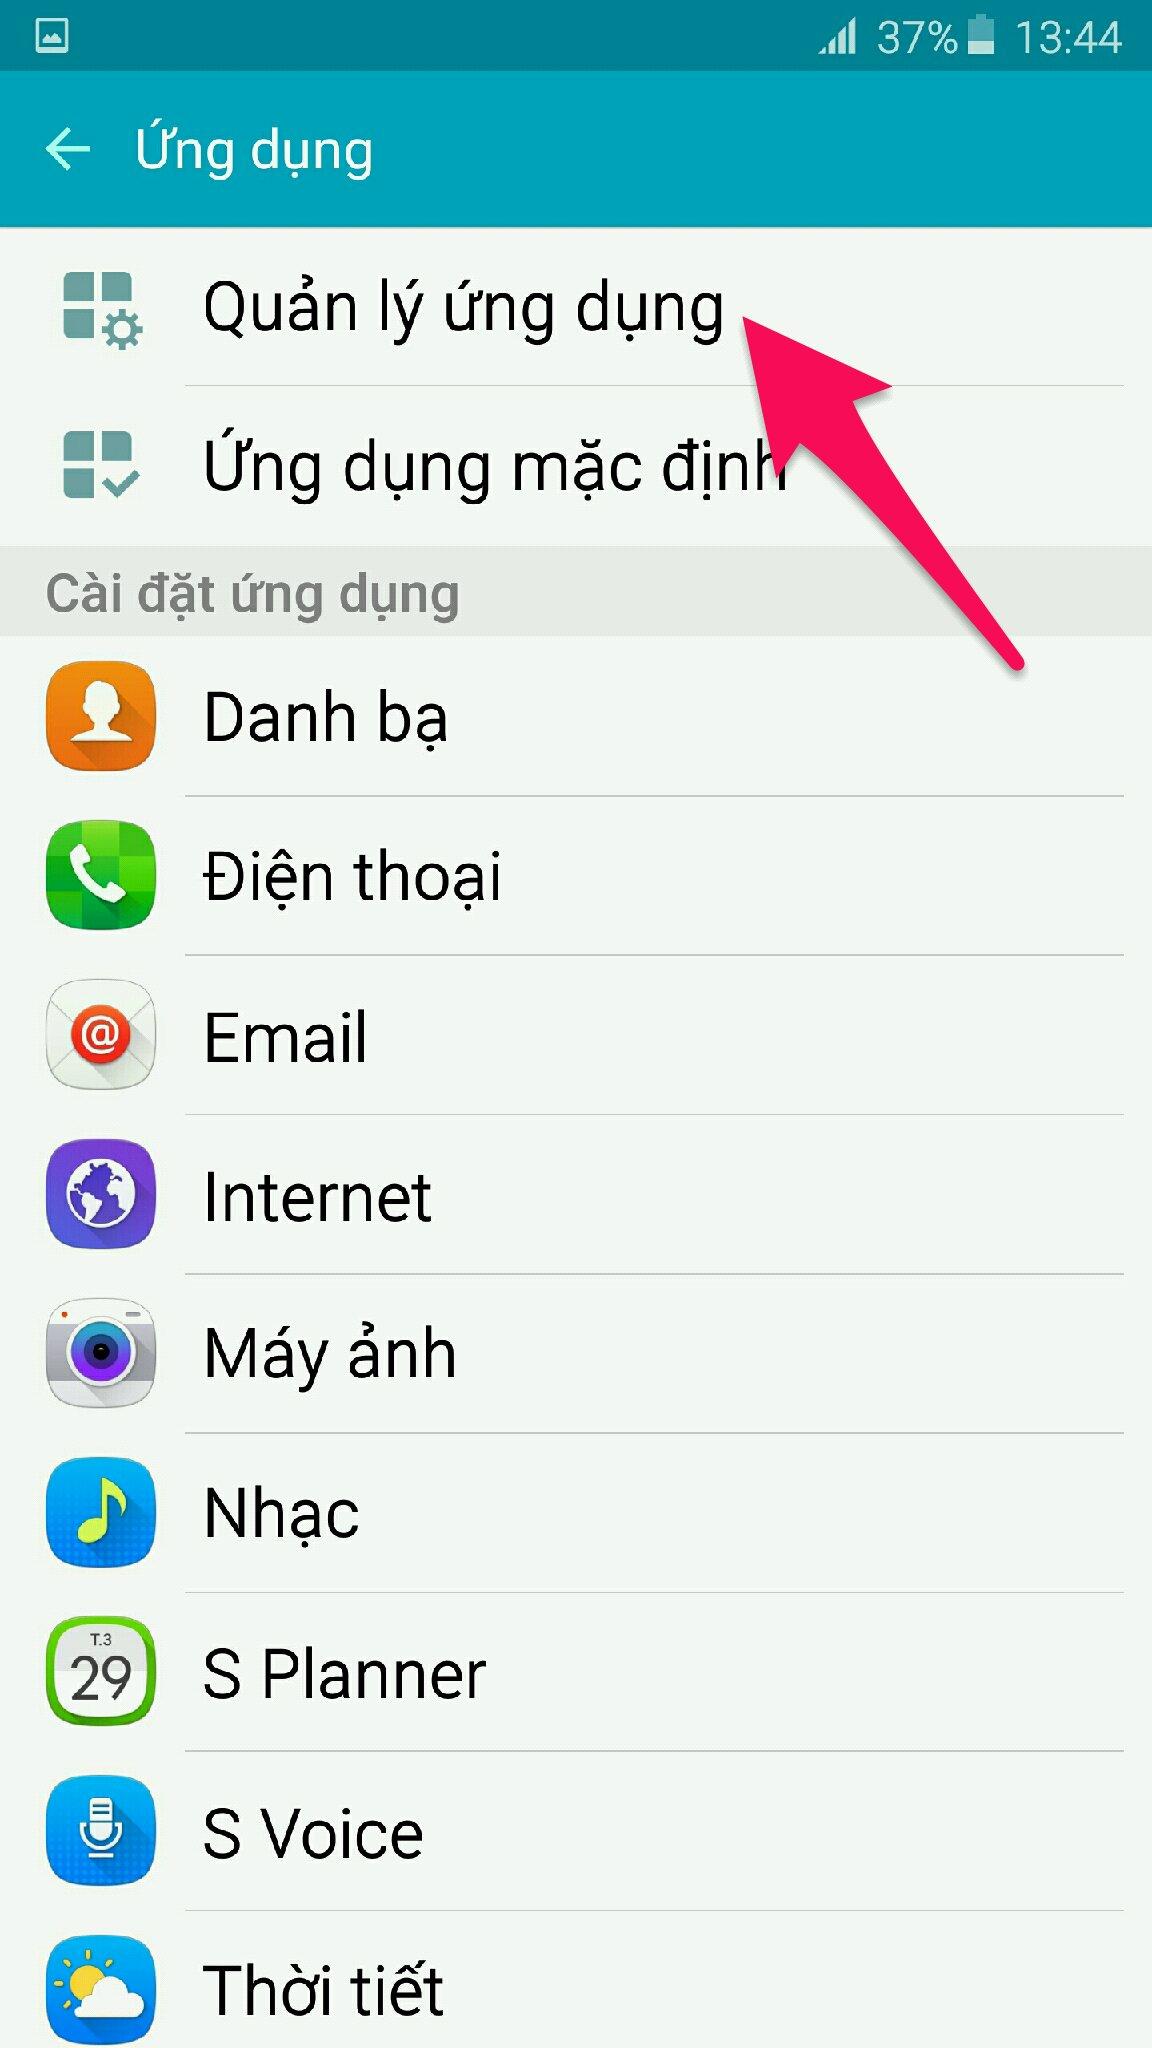 quản lý ứng dụng messenger